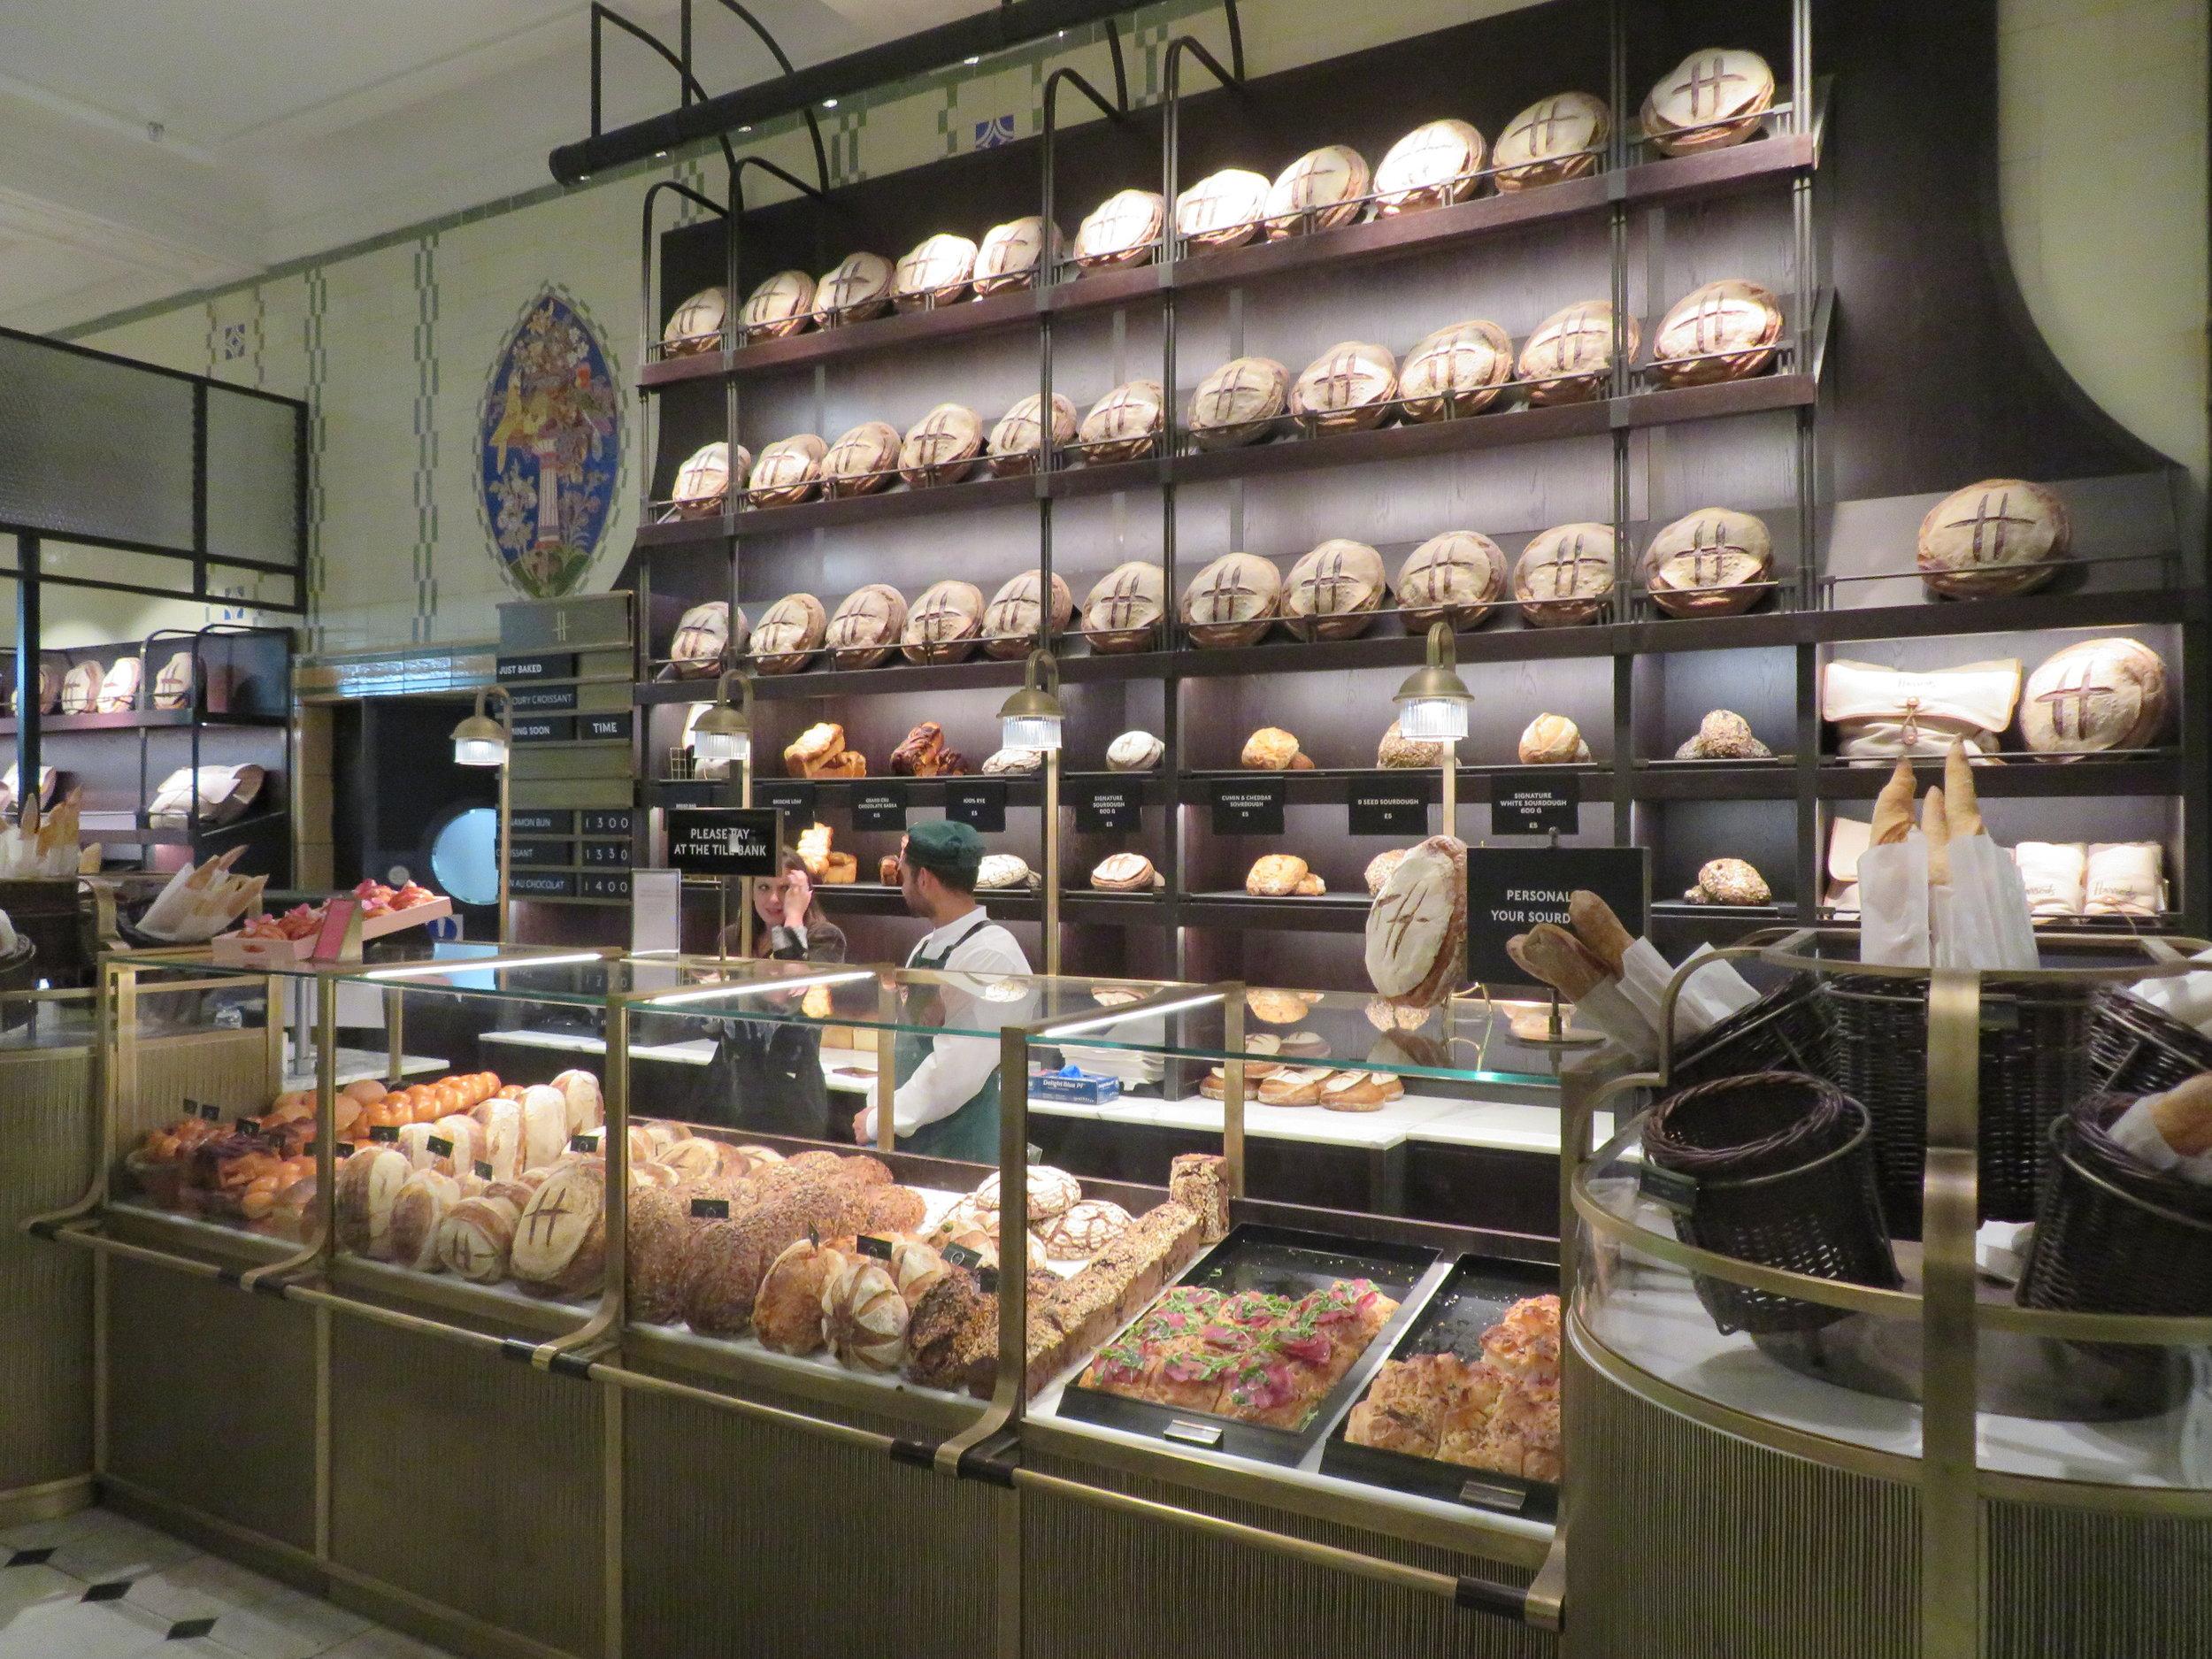 harrods_food hall1.JPG